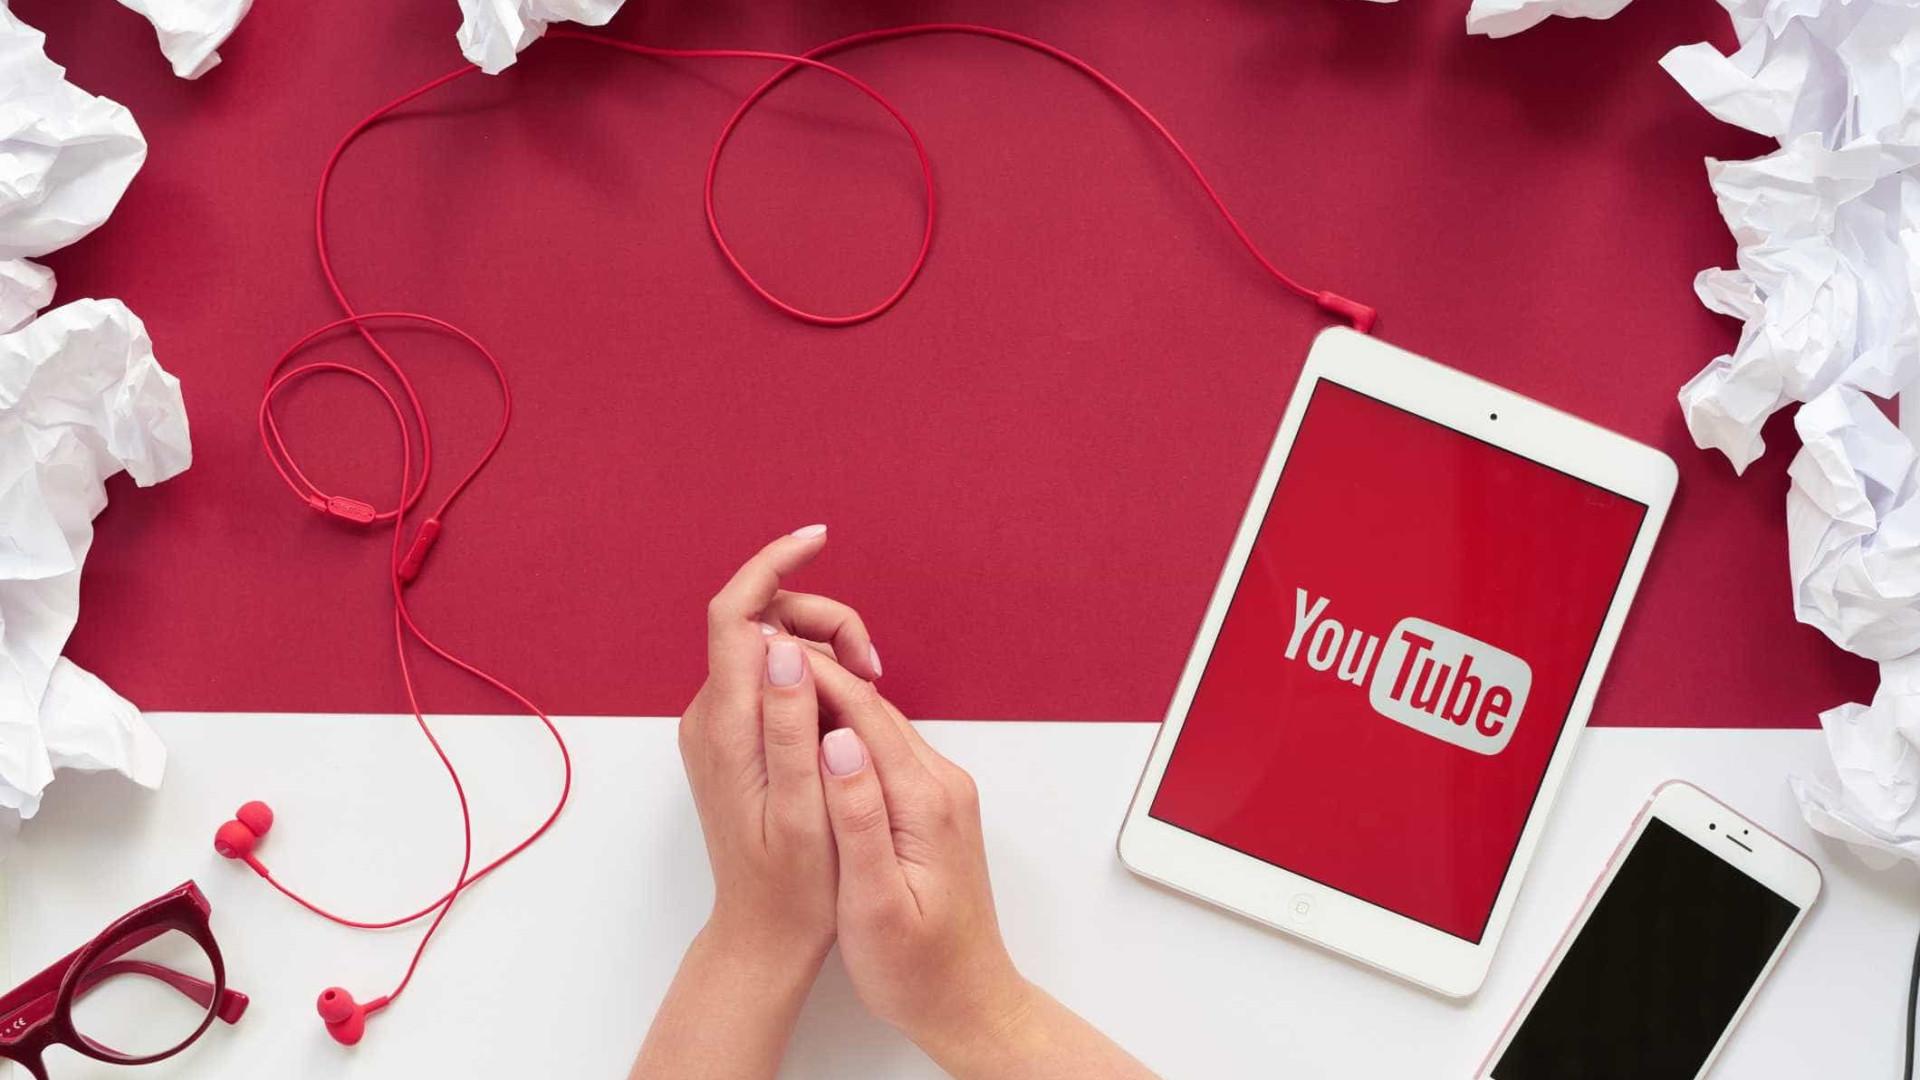 Eis os vídeos mais populares do YouTube que 'colaram' o mundo ao ecrã